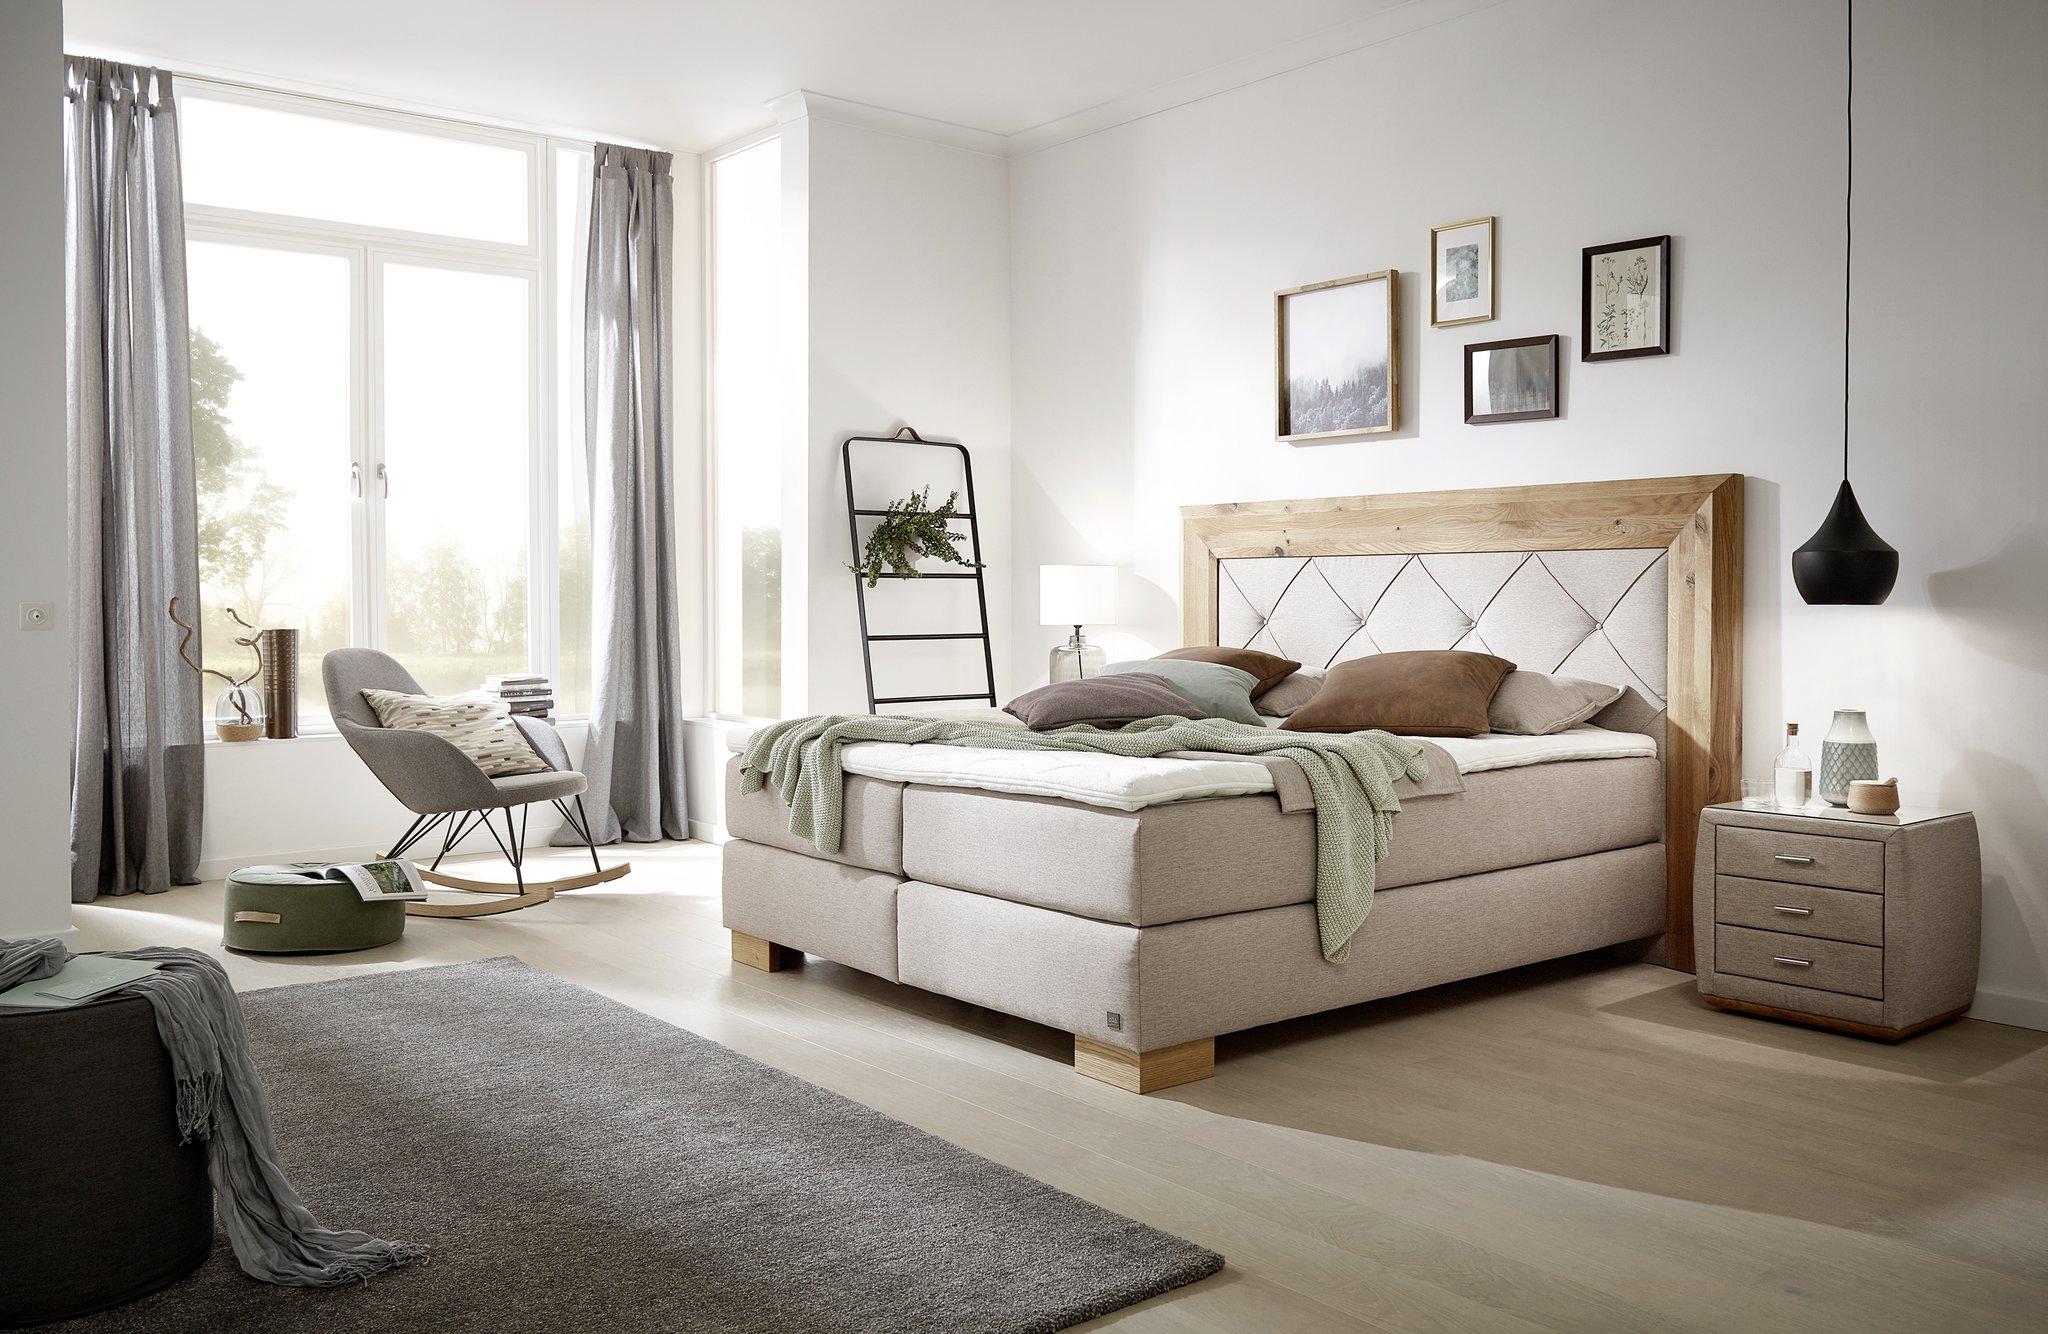 Bauen & Wohnen: Das Schlafzimmer als Backstage Bereich